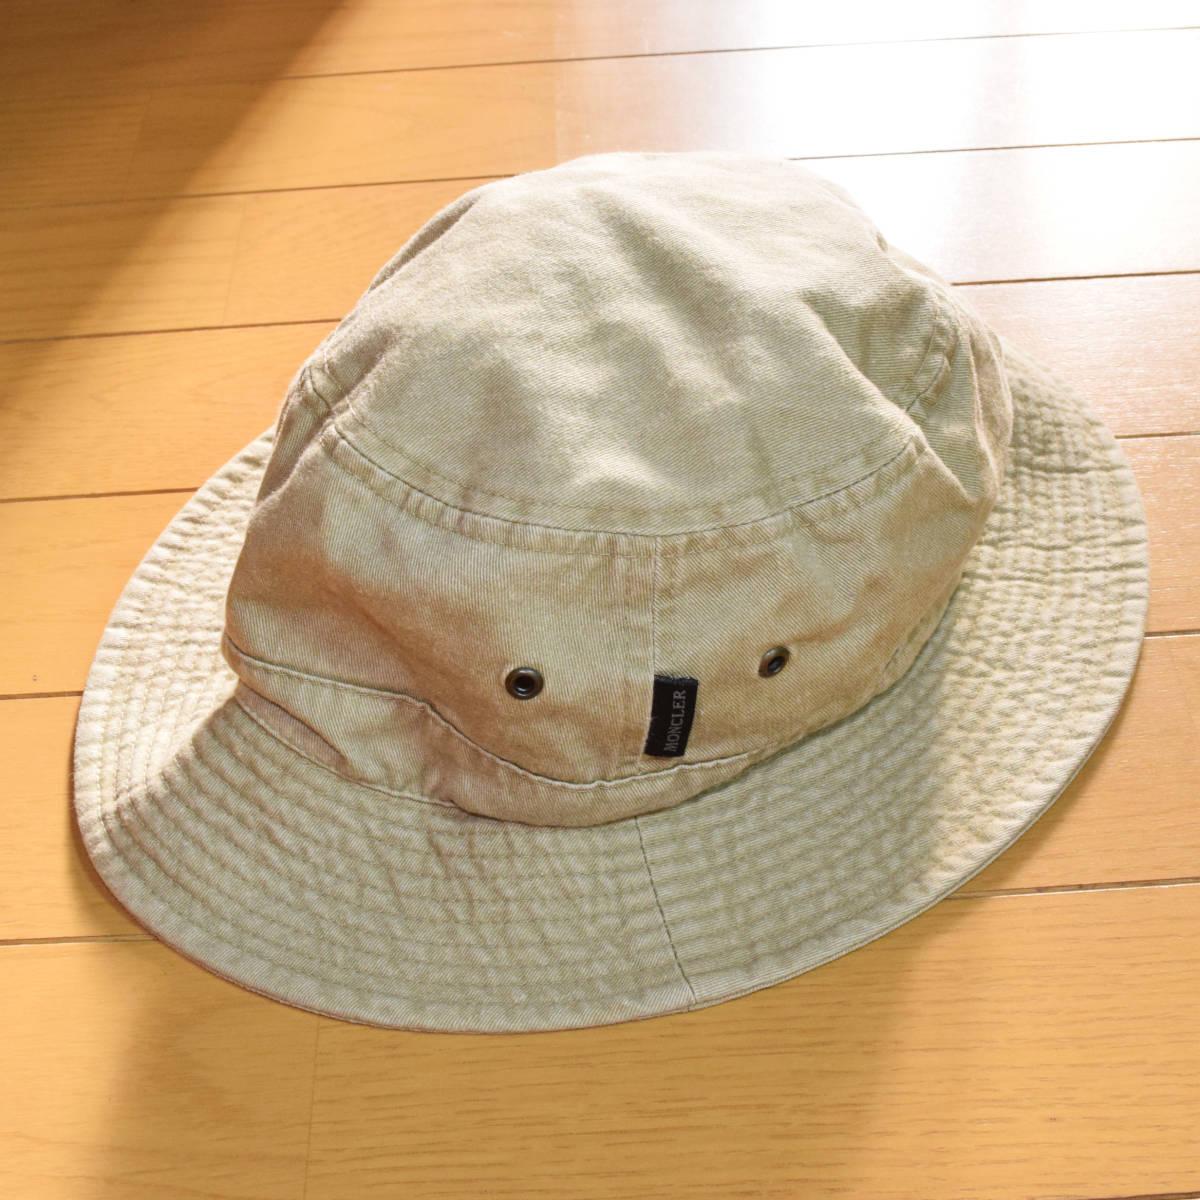 正規品◆送料無料◆春夏◆美品◆希少◆MONCLER モンクレール◆バケットハット・帽子◆アウトドア・登山_画像4